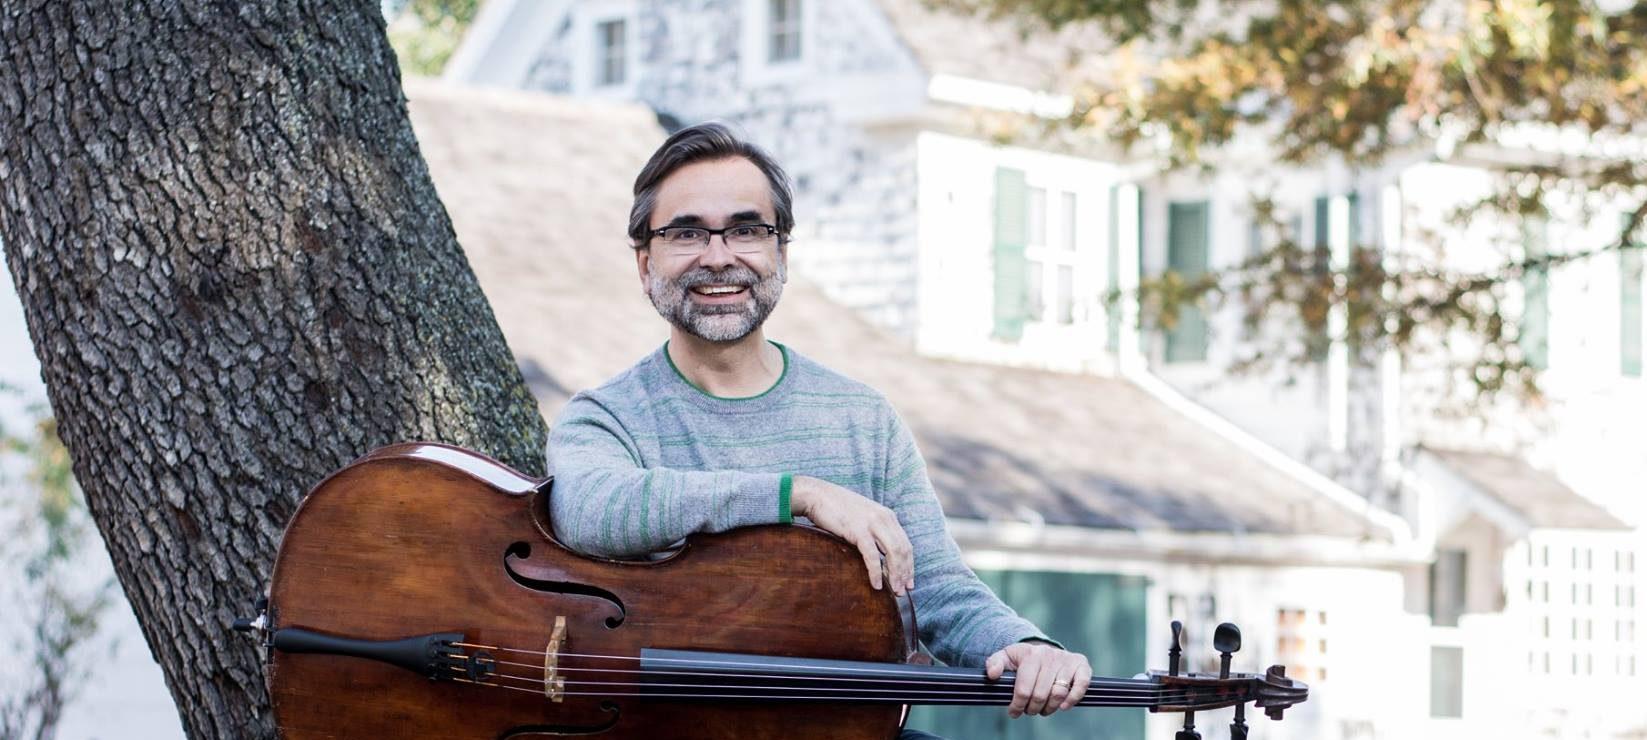 Ovidiu Marinescu - Cellist | Conductor | Composer | Educator